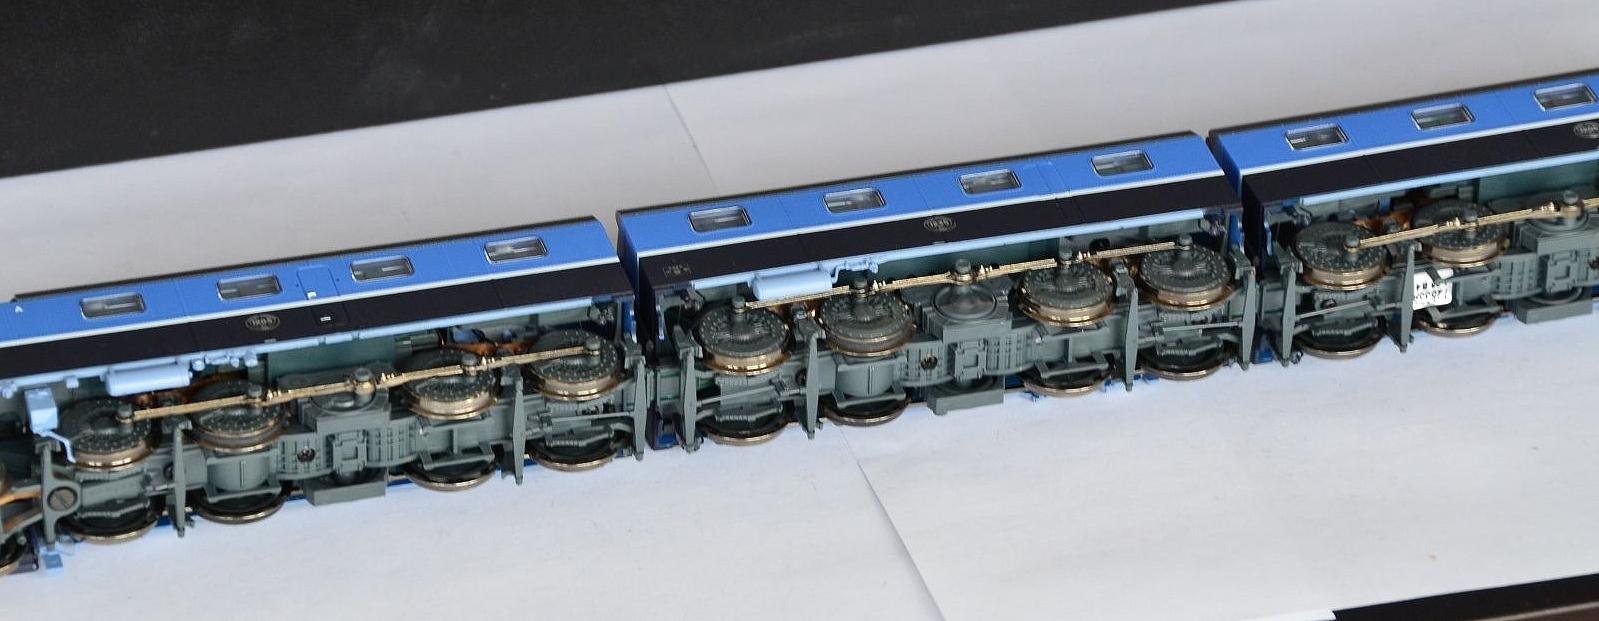 Les machines D/Da/Dm/Dm3 (base 1C1) des chemins de fer suèdois (SJ) 355837Roco72533SwedenSJDM3ElectricEngineGloriaLiverySoundDCCfichiers